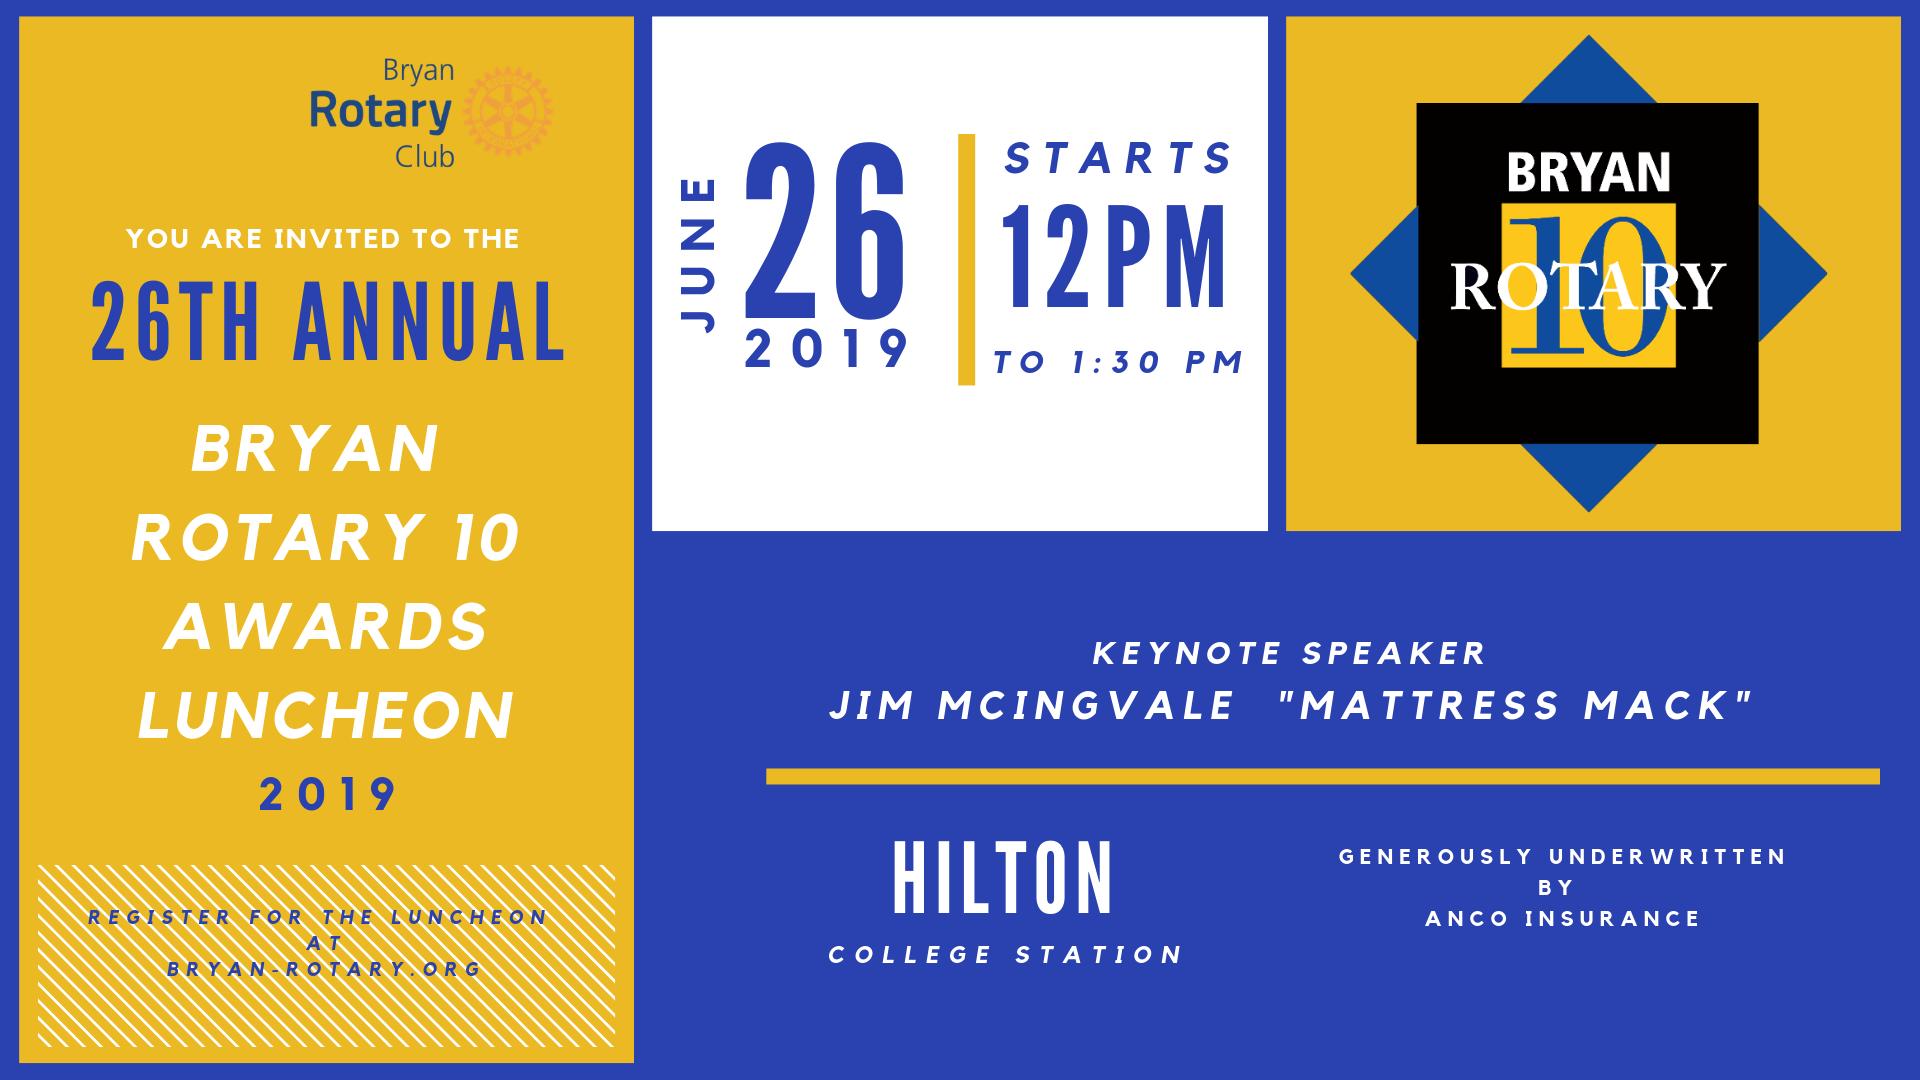 Rotary 10 Invitation